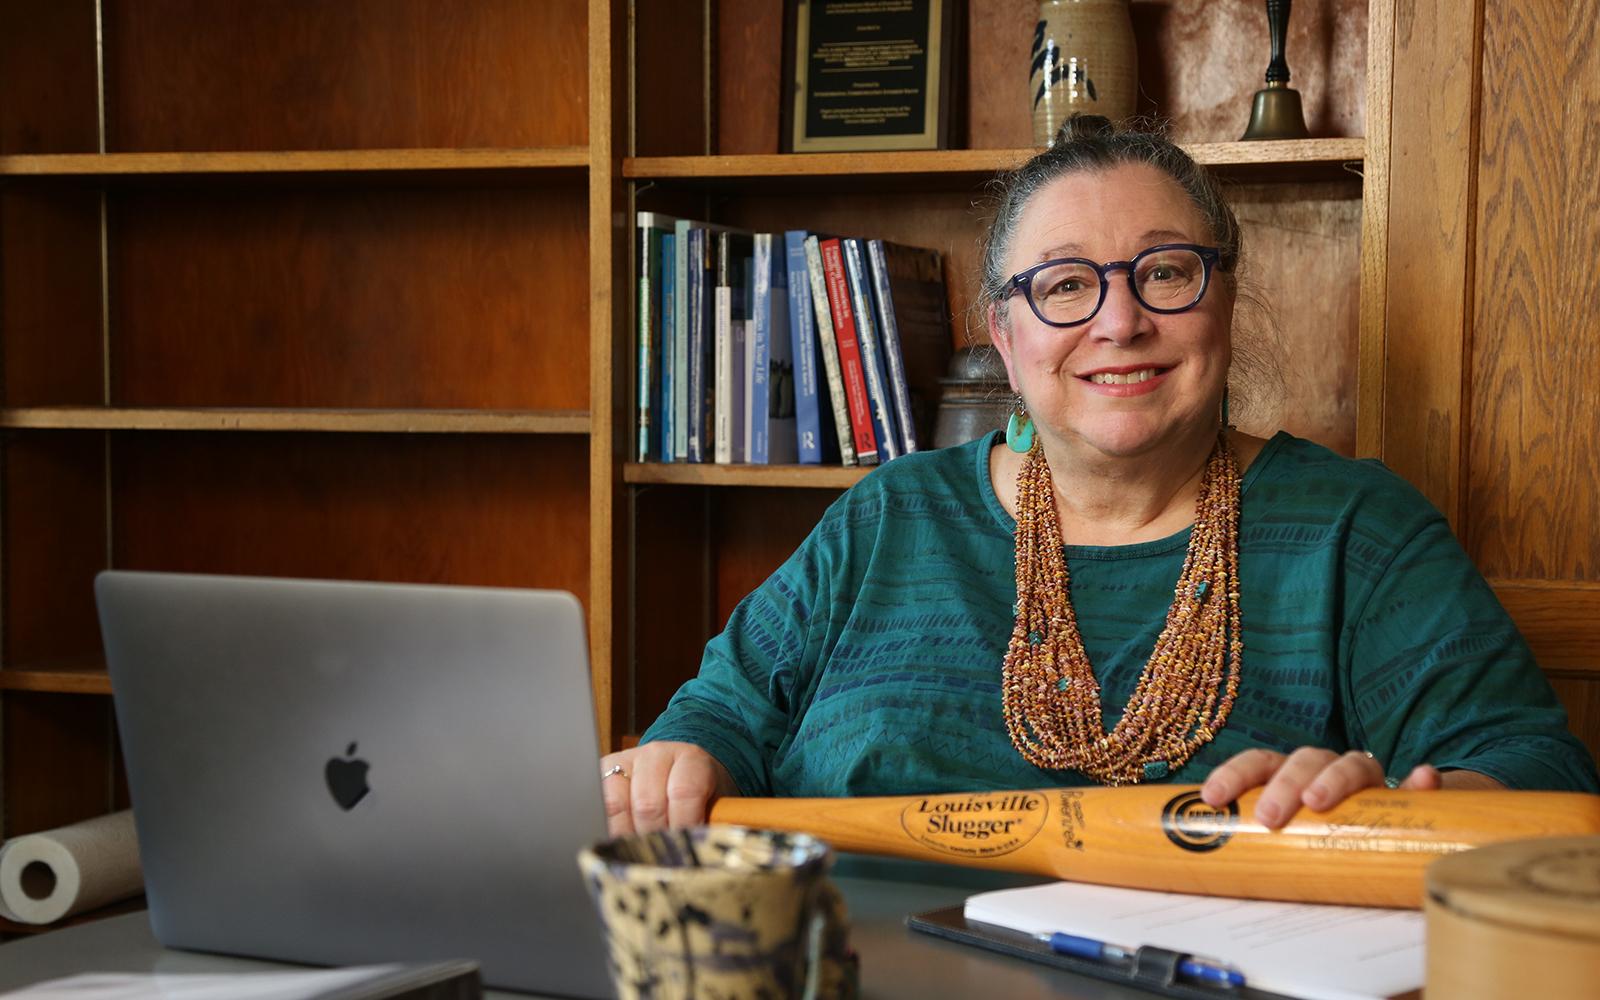 Dawn Braithwaite in her office